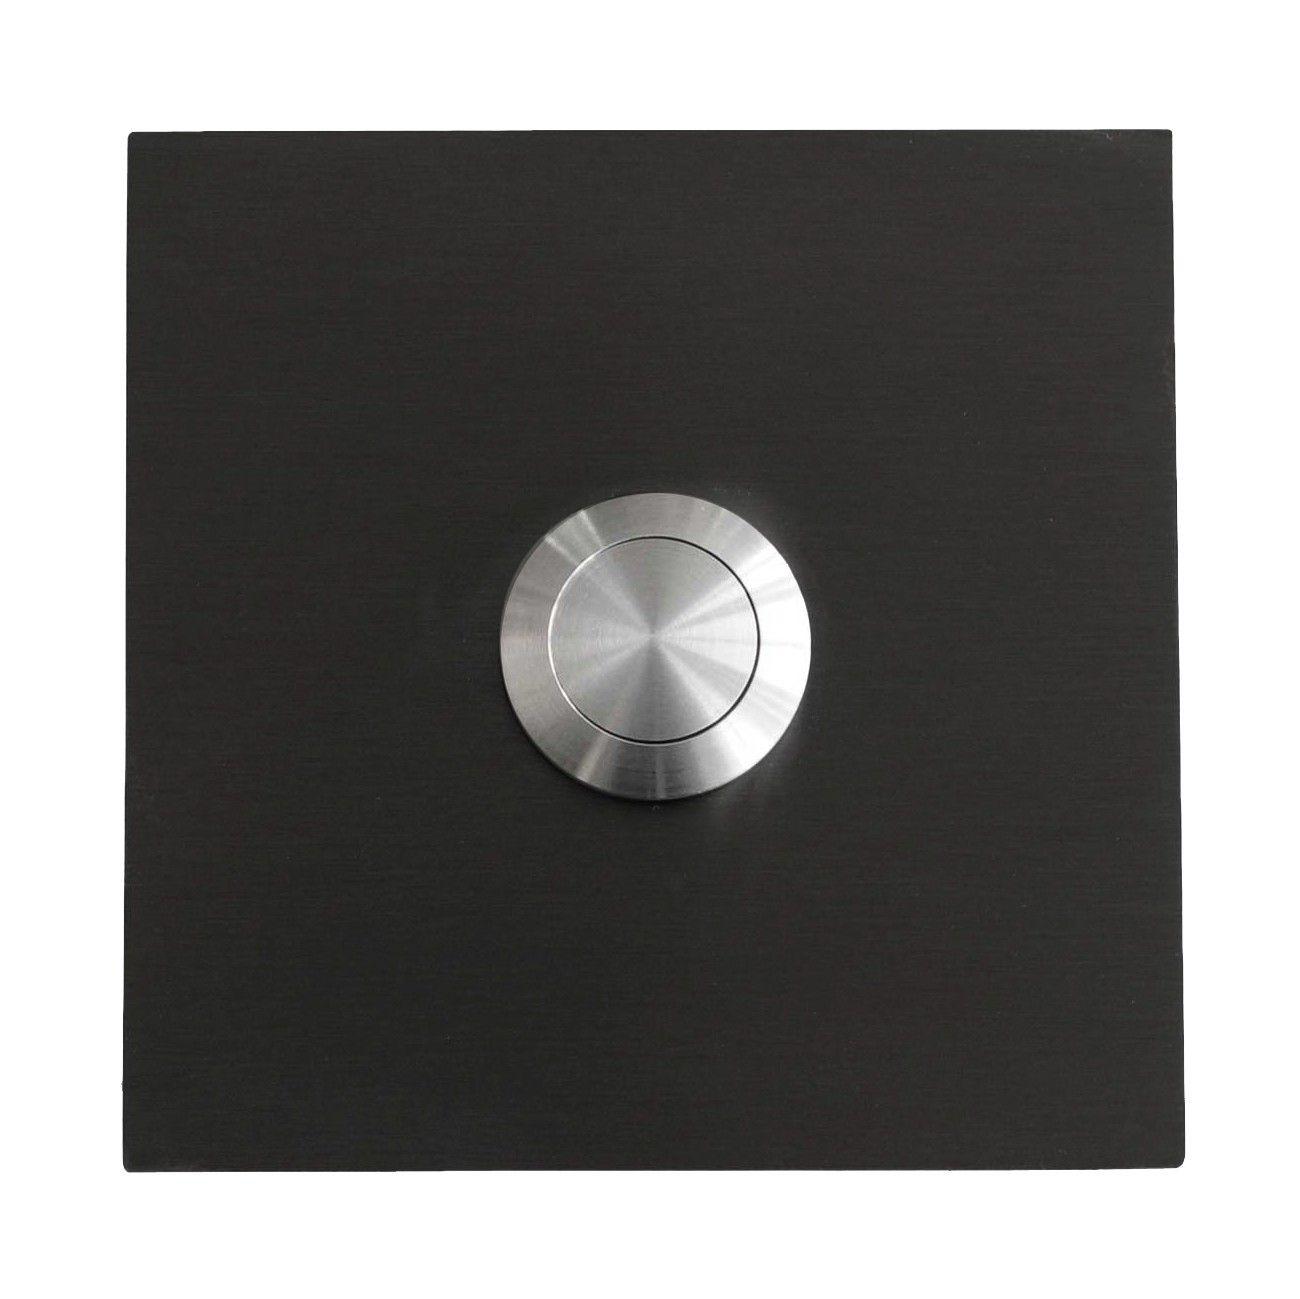 Anthrazit Klingel Edelstahl Türklingel LED-Drucktaster Quadrat m Laser-Gravur